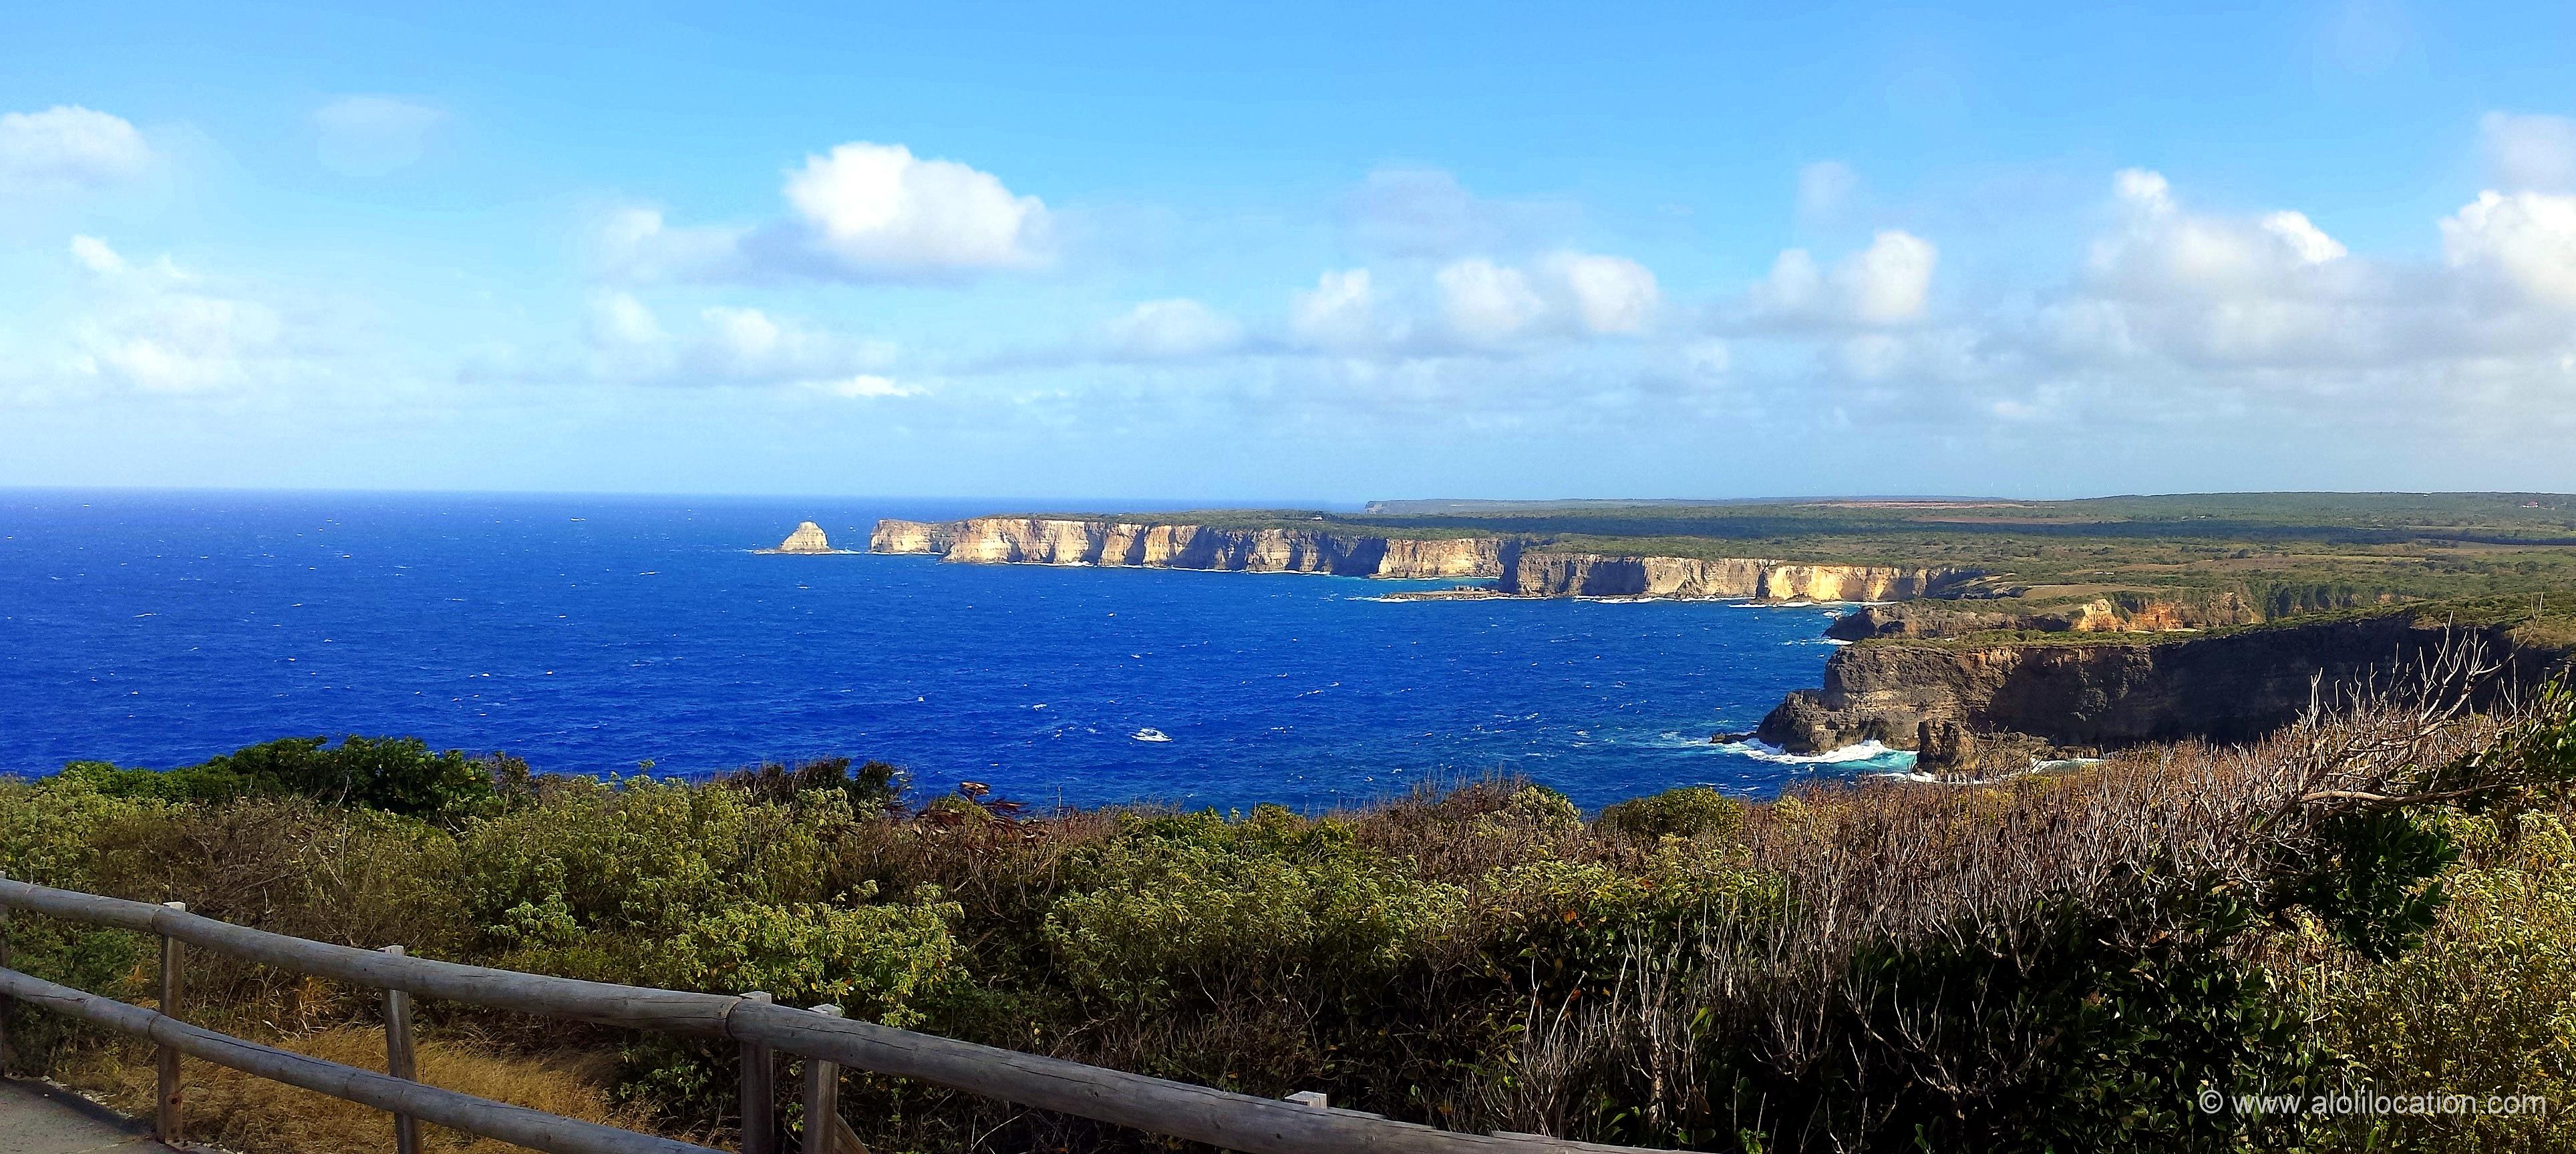 Anoli Location_Pointe de la Vigie_Guadeloupe